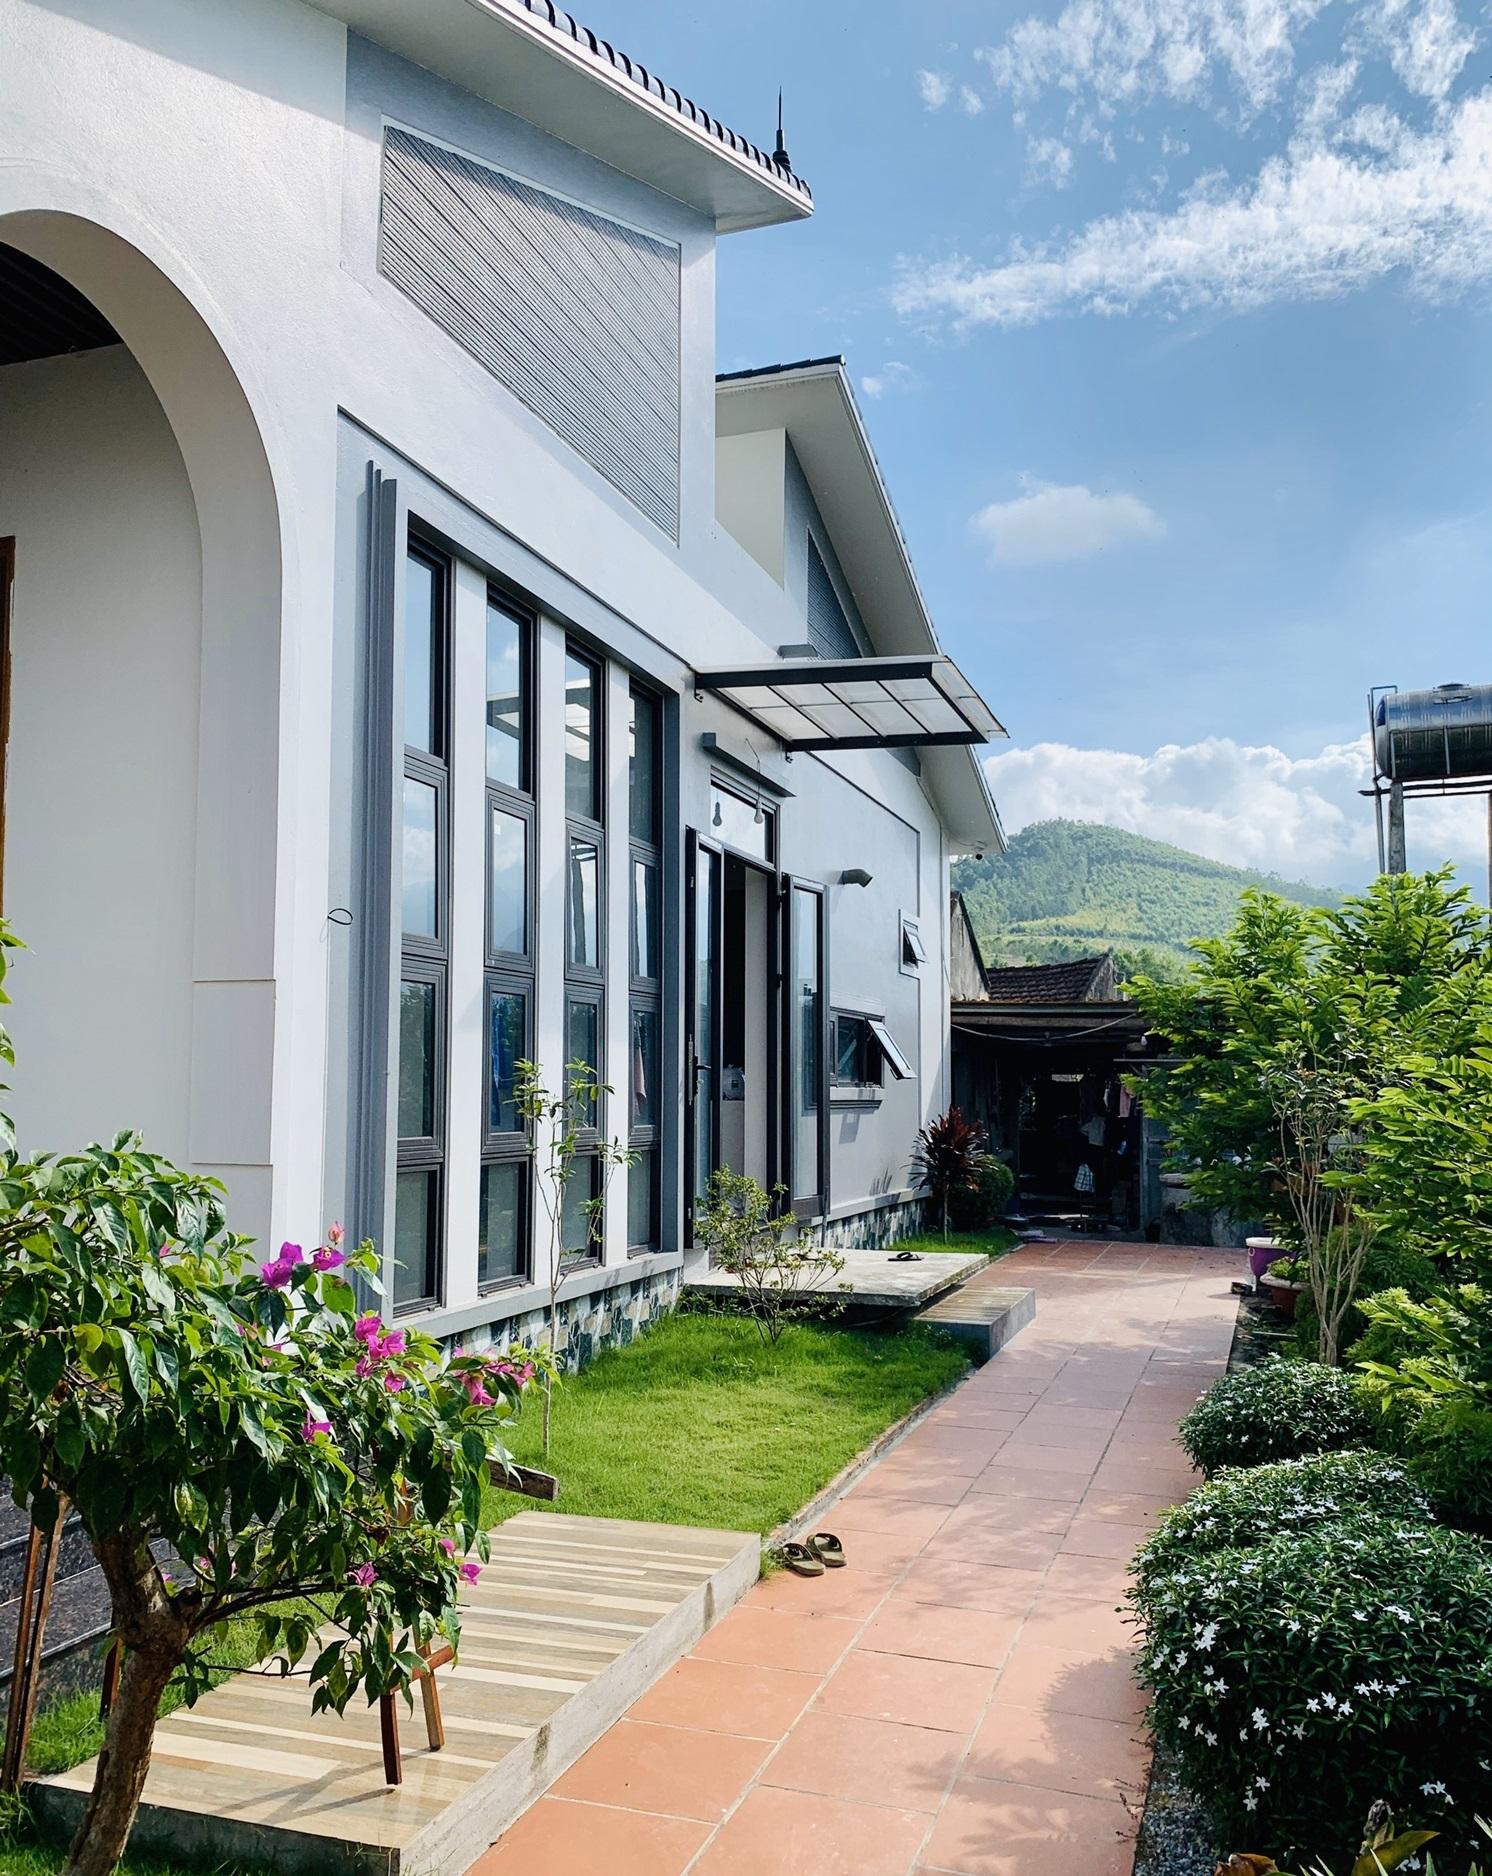 4 15987998998581125031963 - Con trai xây nhà vườn bên đồng lúa xanh mát tặng bố mẹ an hưởng tuổi già ở Vĩnh Phúc